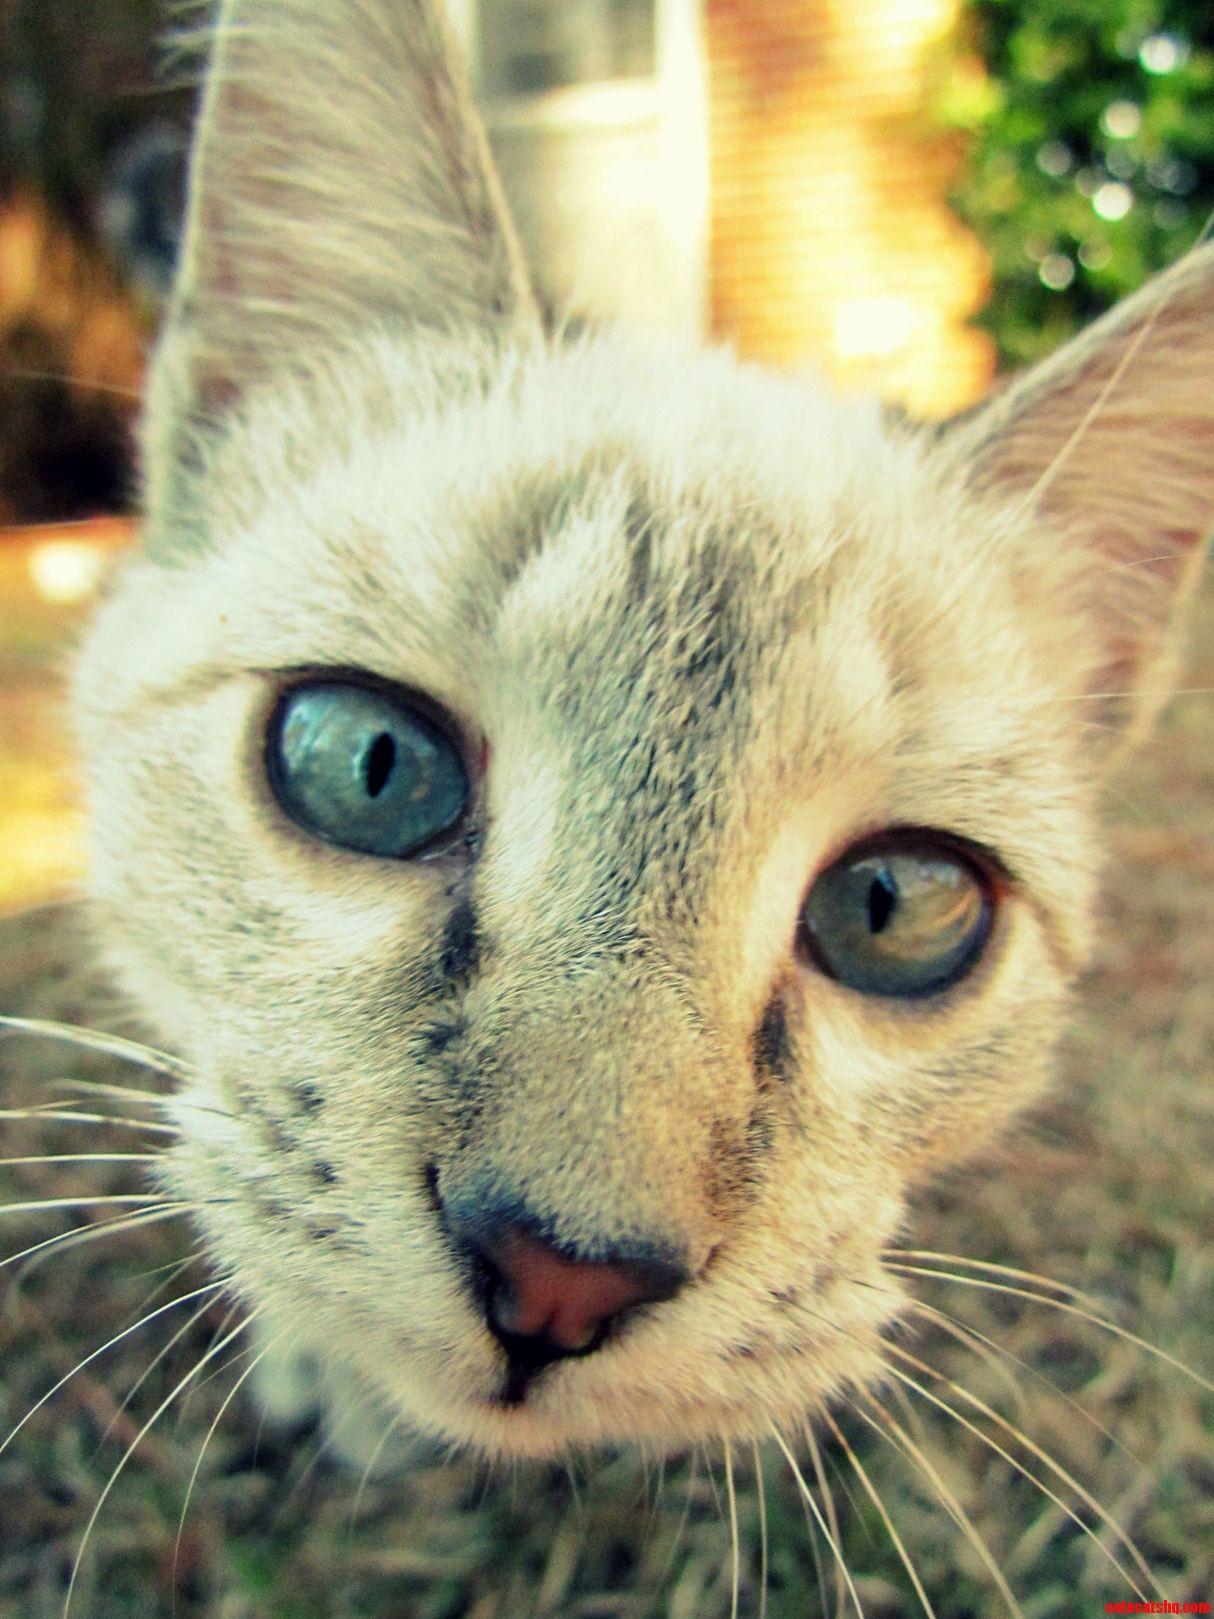 My Cat Kat Is A Camera Hog.